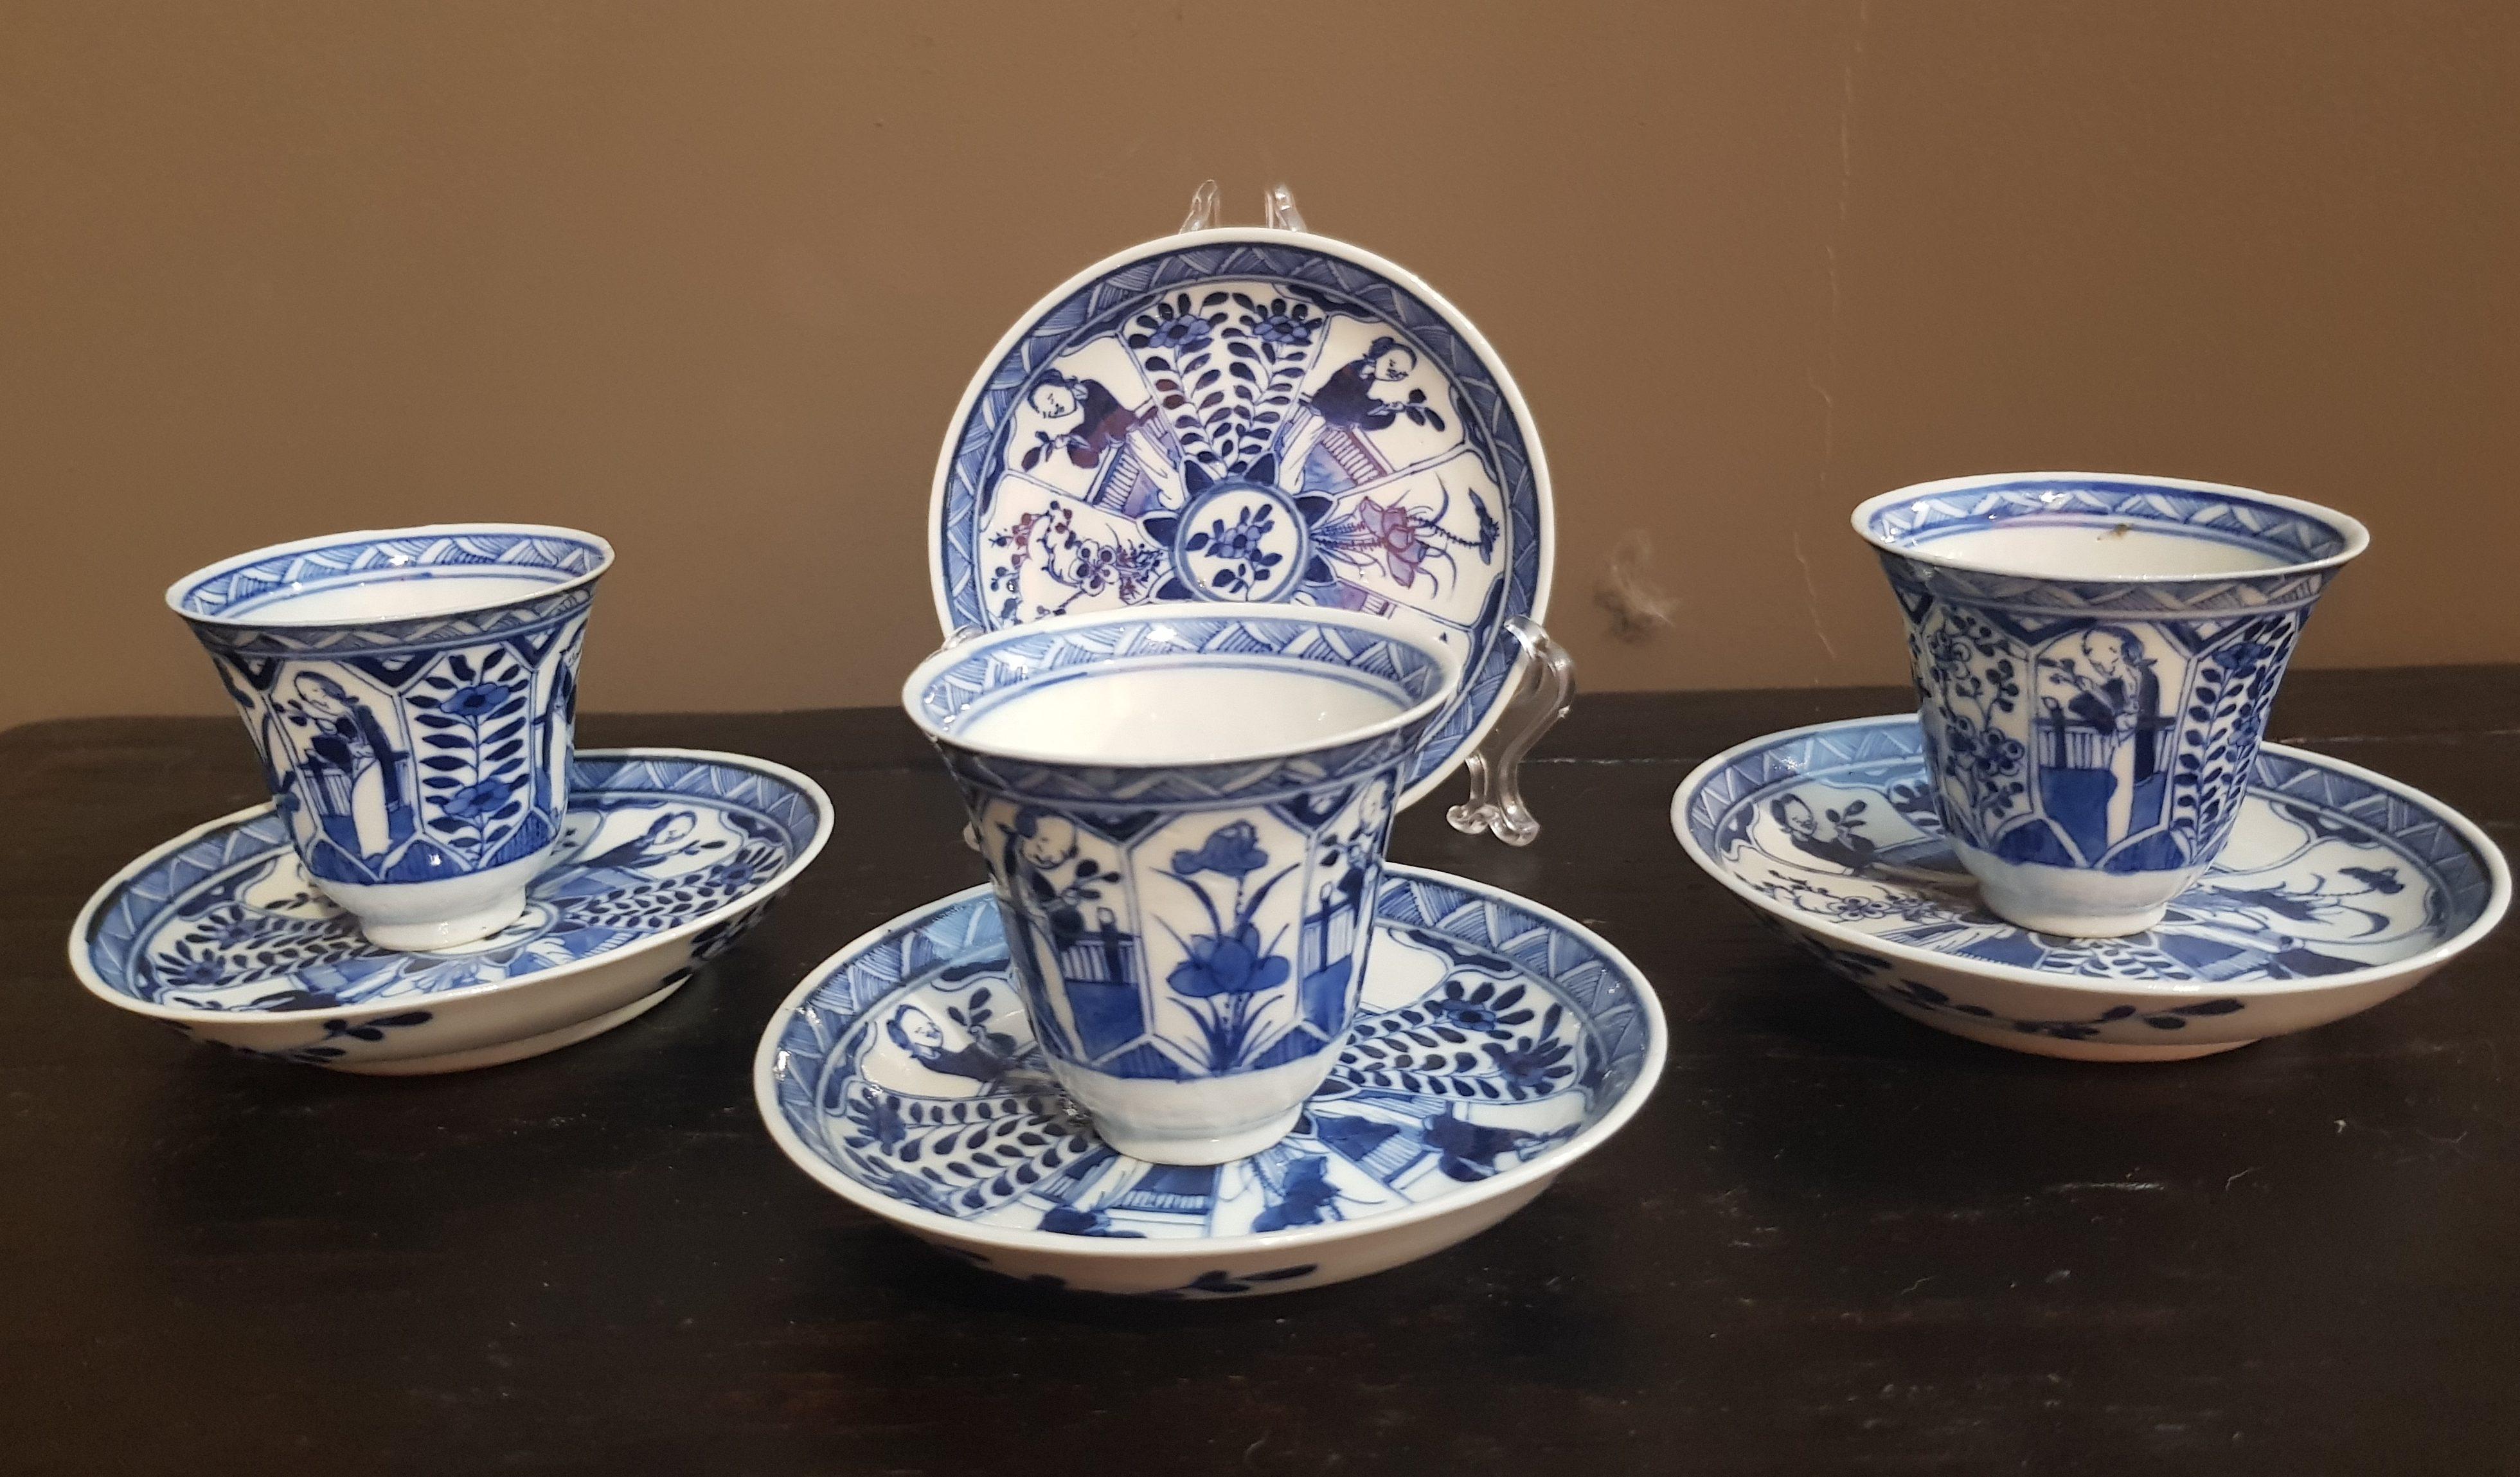 Tasses et soucoupes en Porcelaine de Chine - VENDU Image